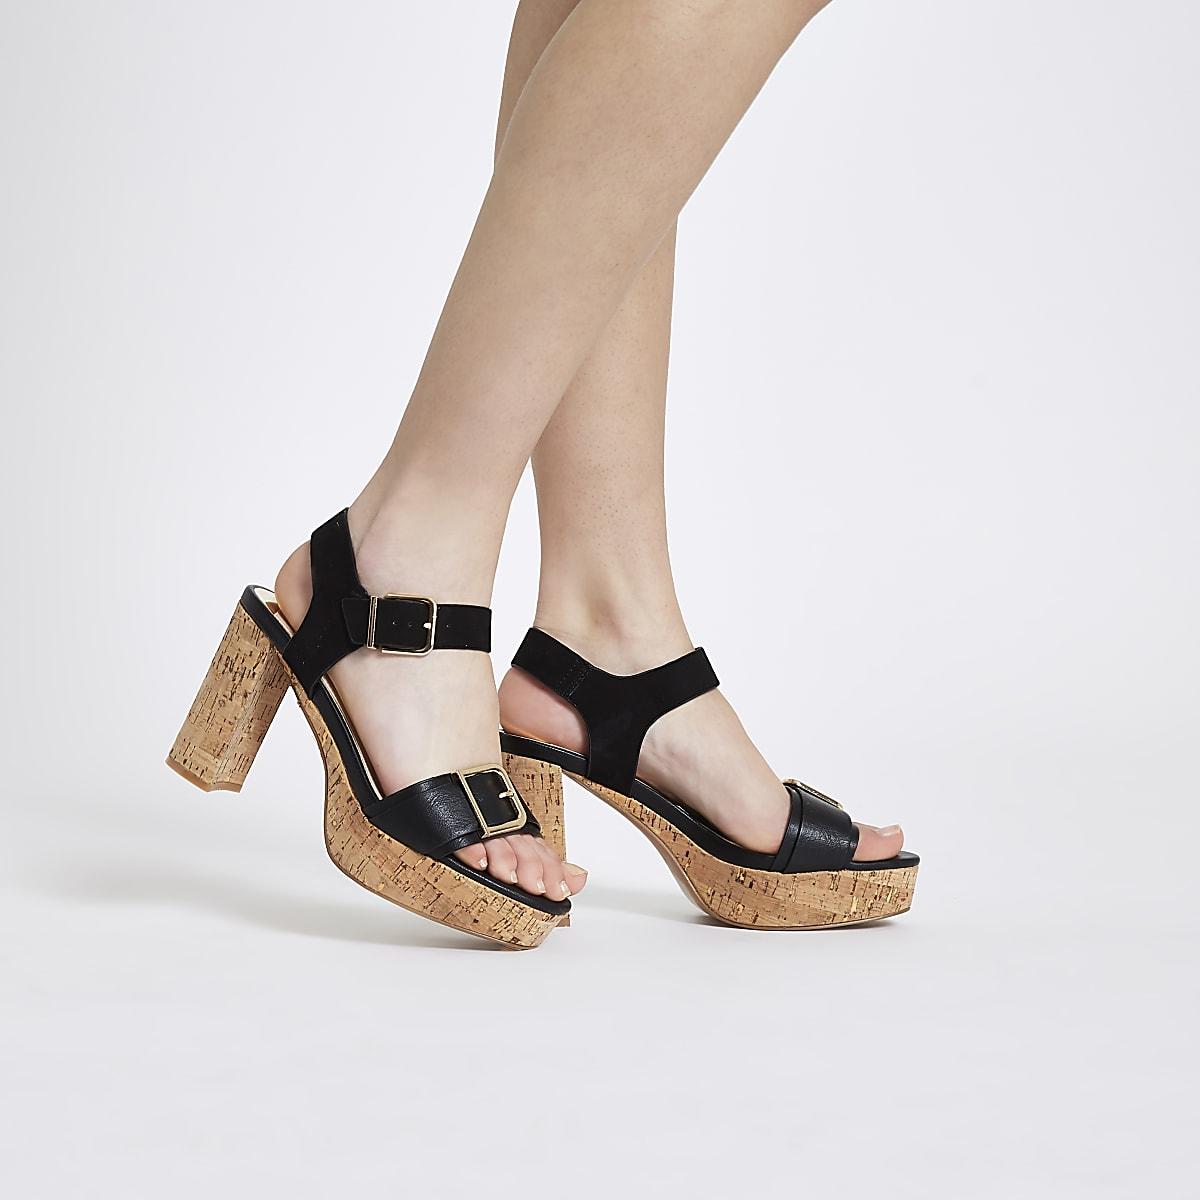 0436b64d58d Black double buckle strap cork heel sandals - Sandals - Shoes ...